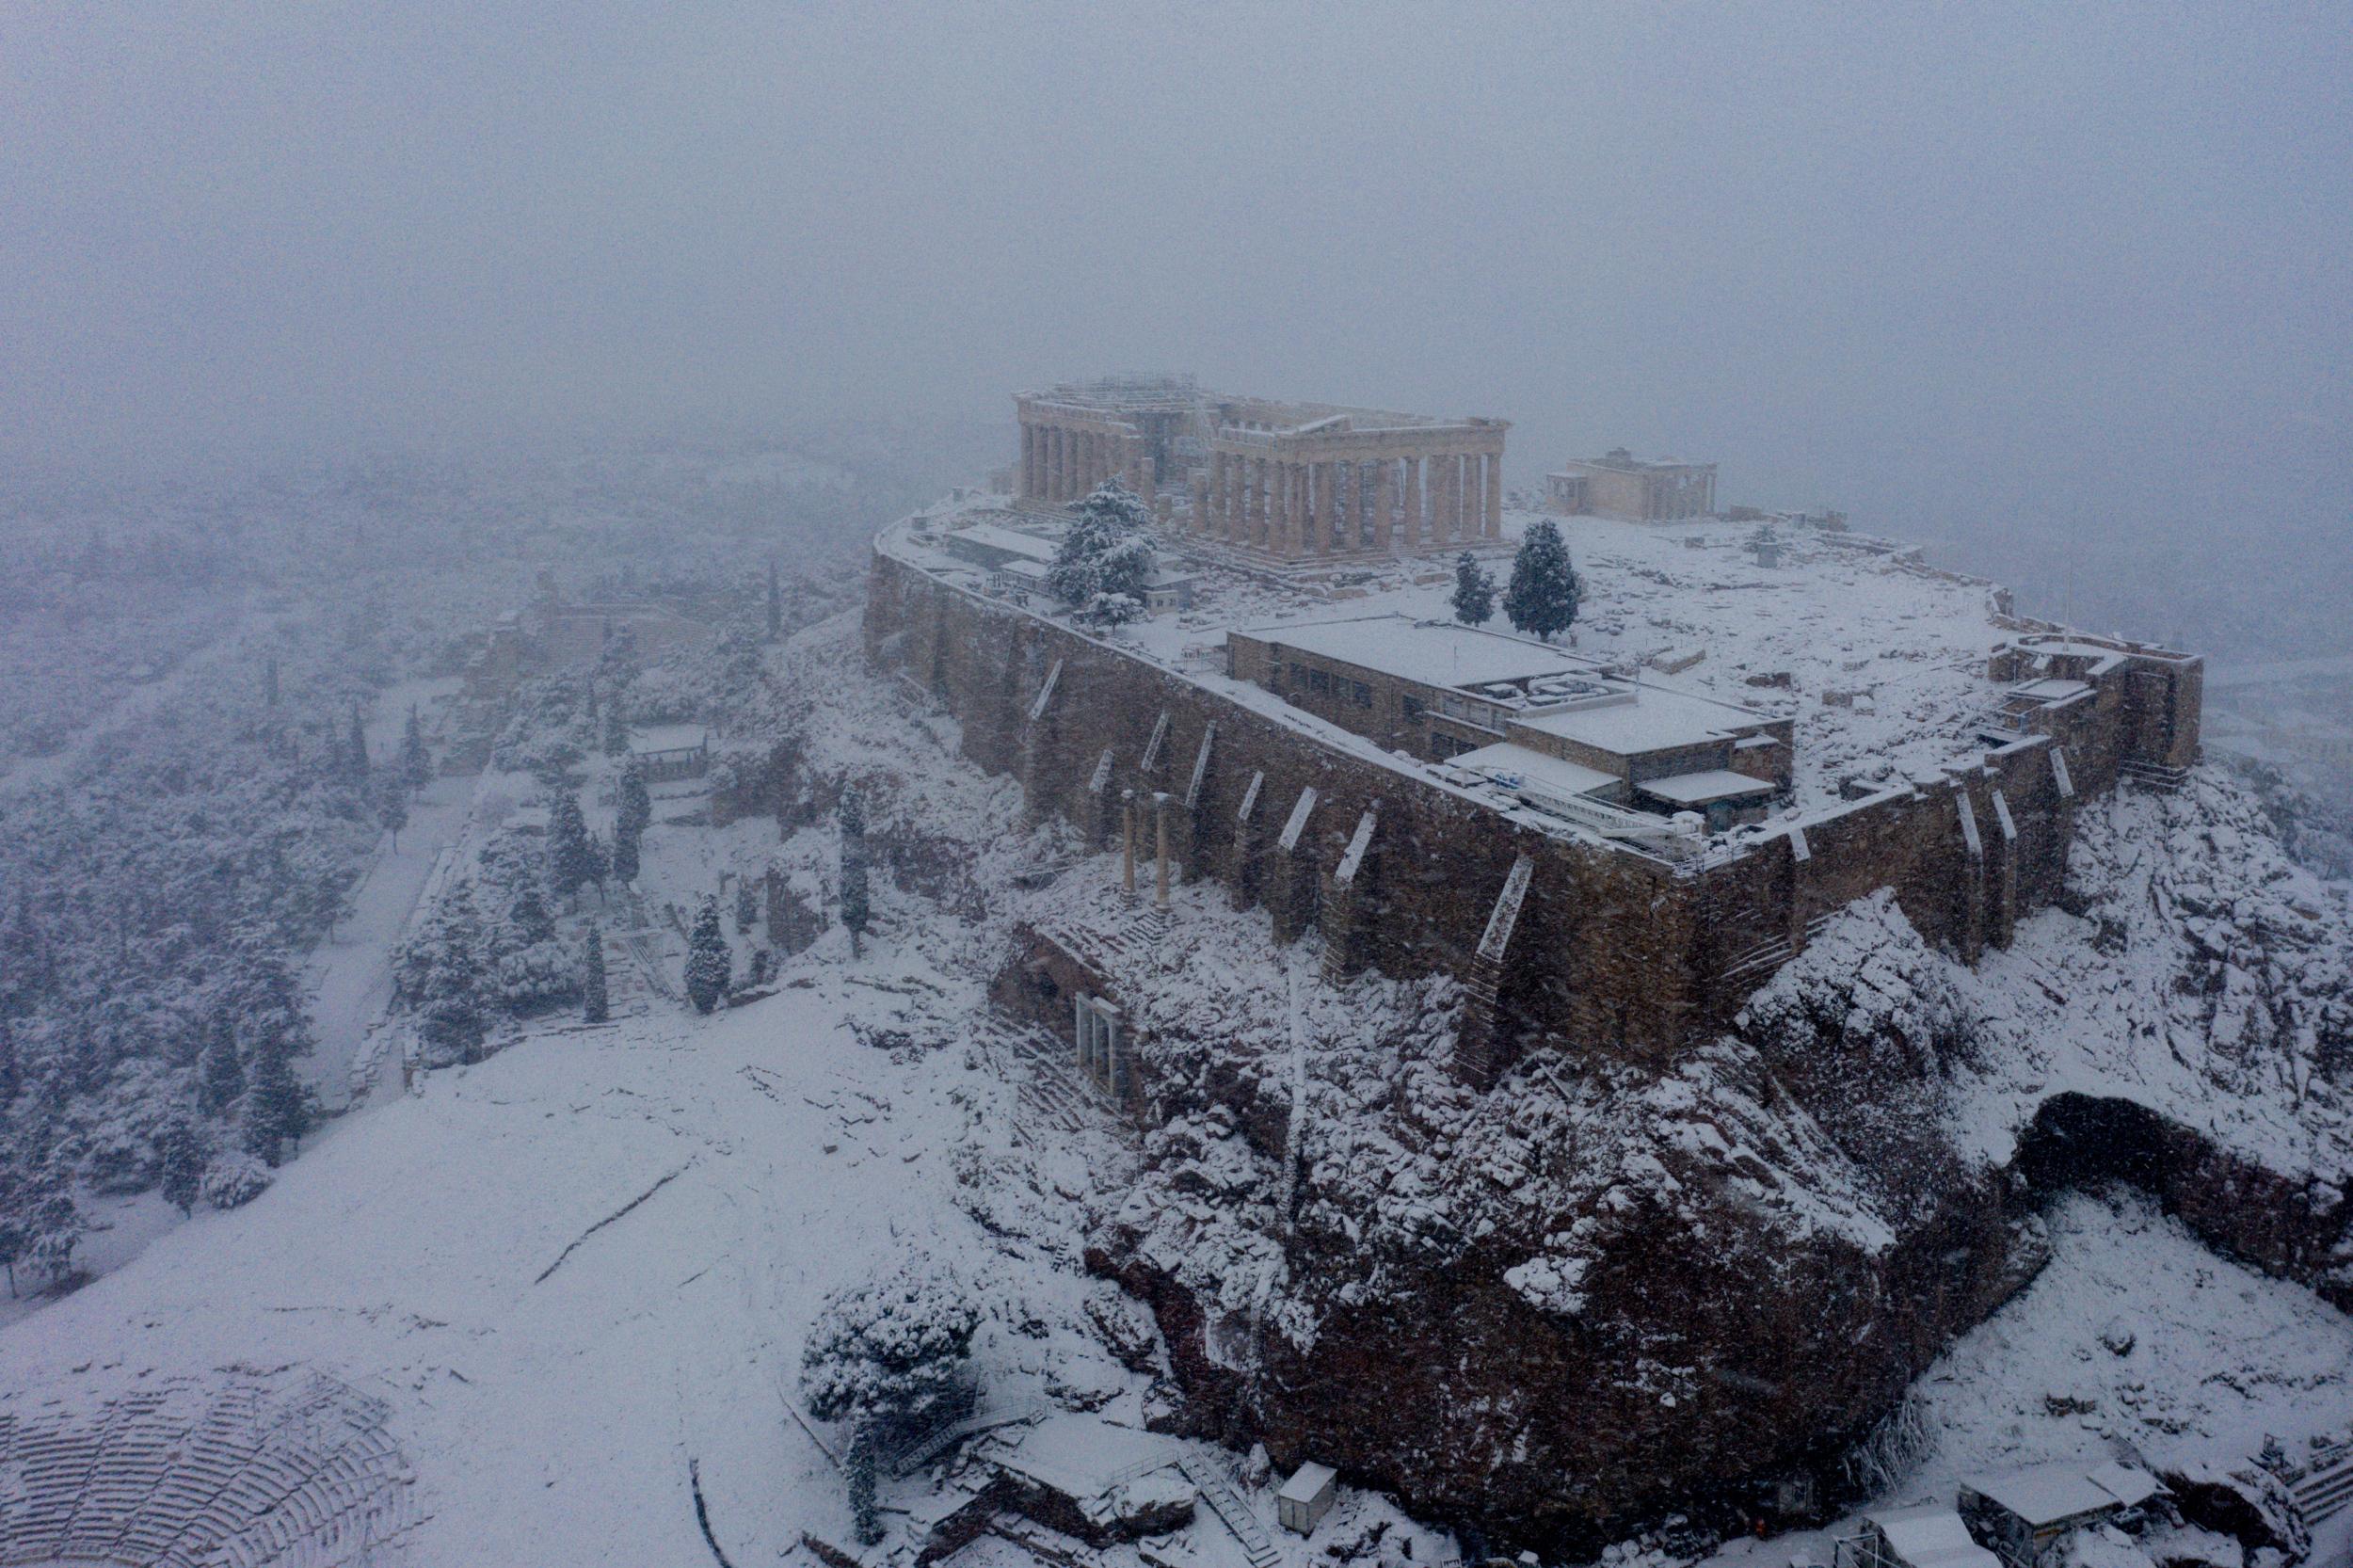 Το εντυπωσιακό βίντεο με την χιονισμένη Ακρόπολη από... ψηλά!